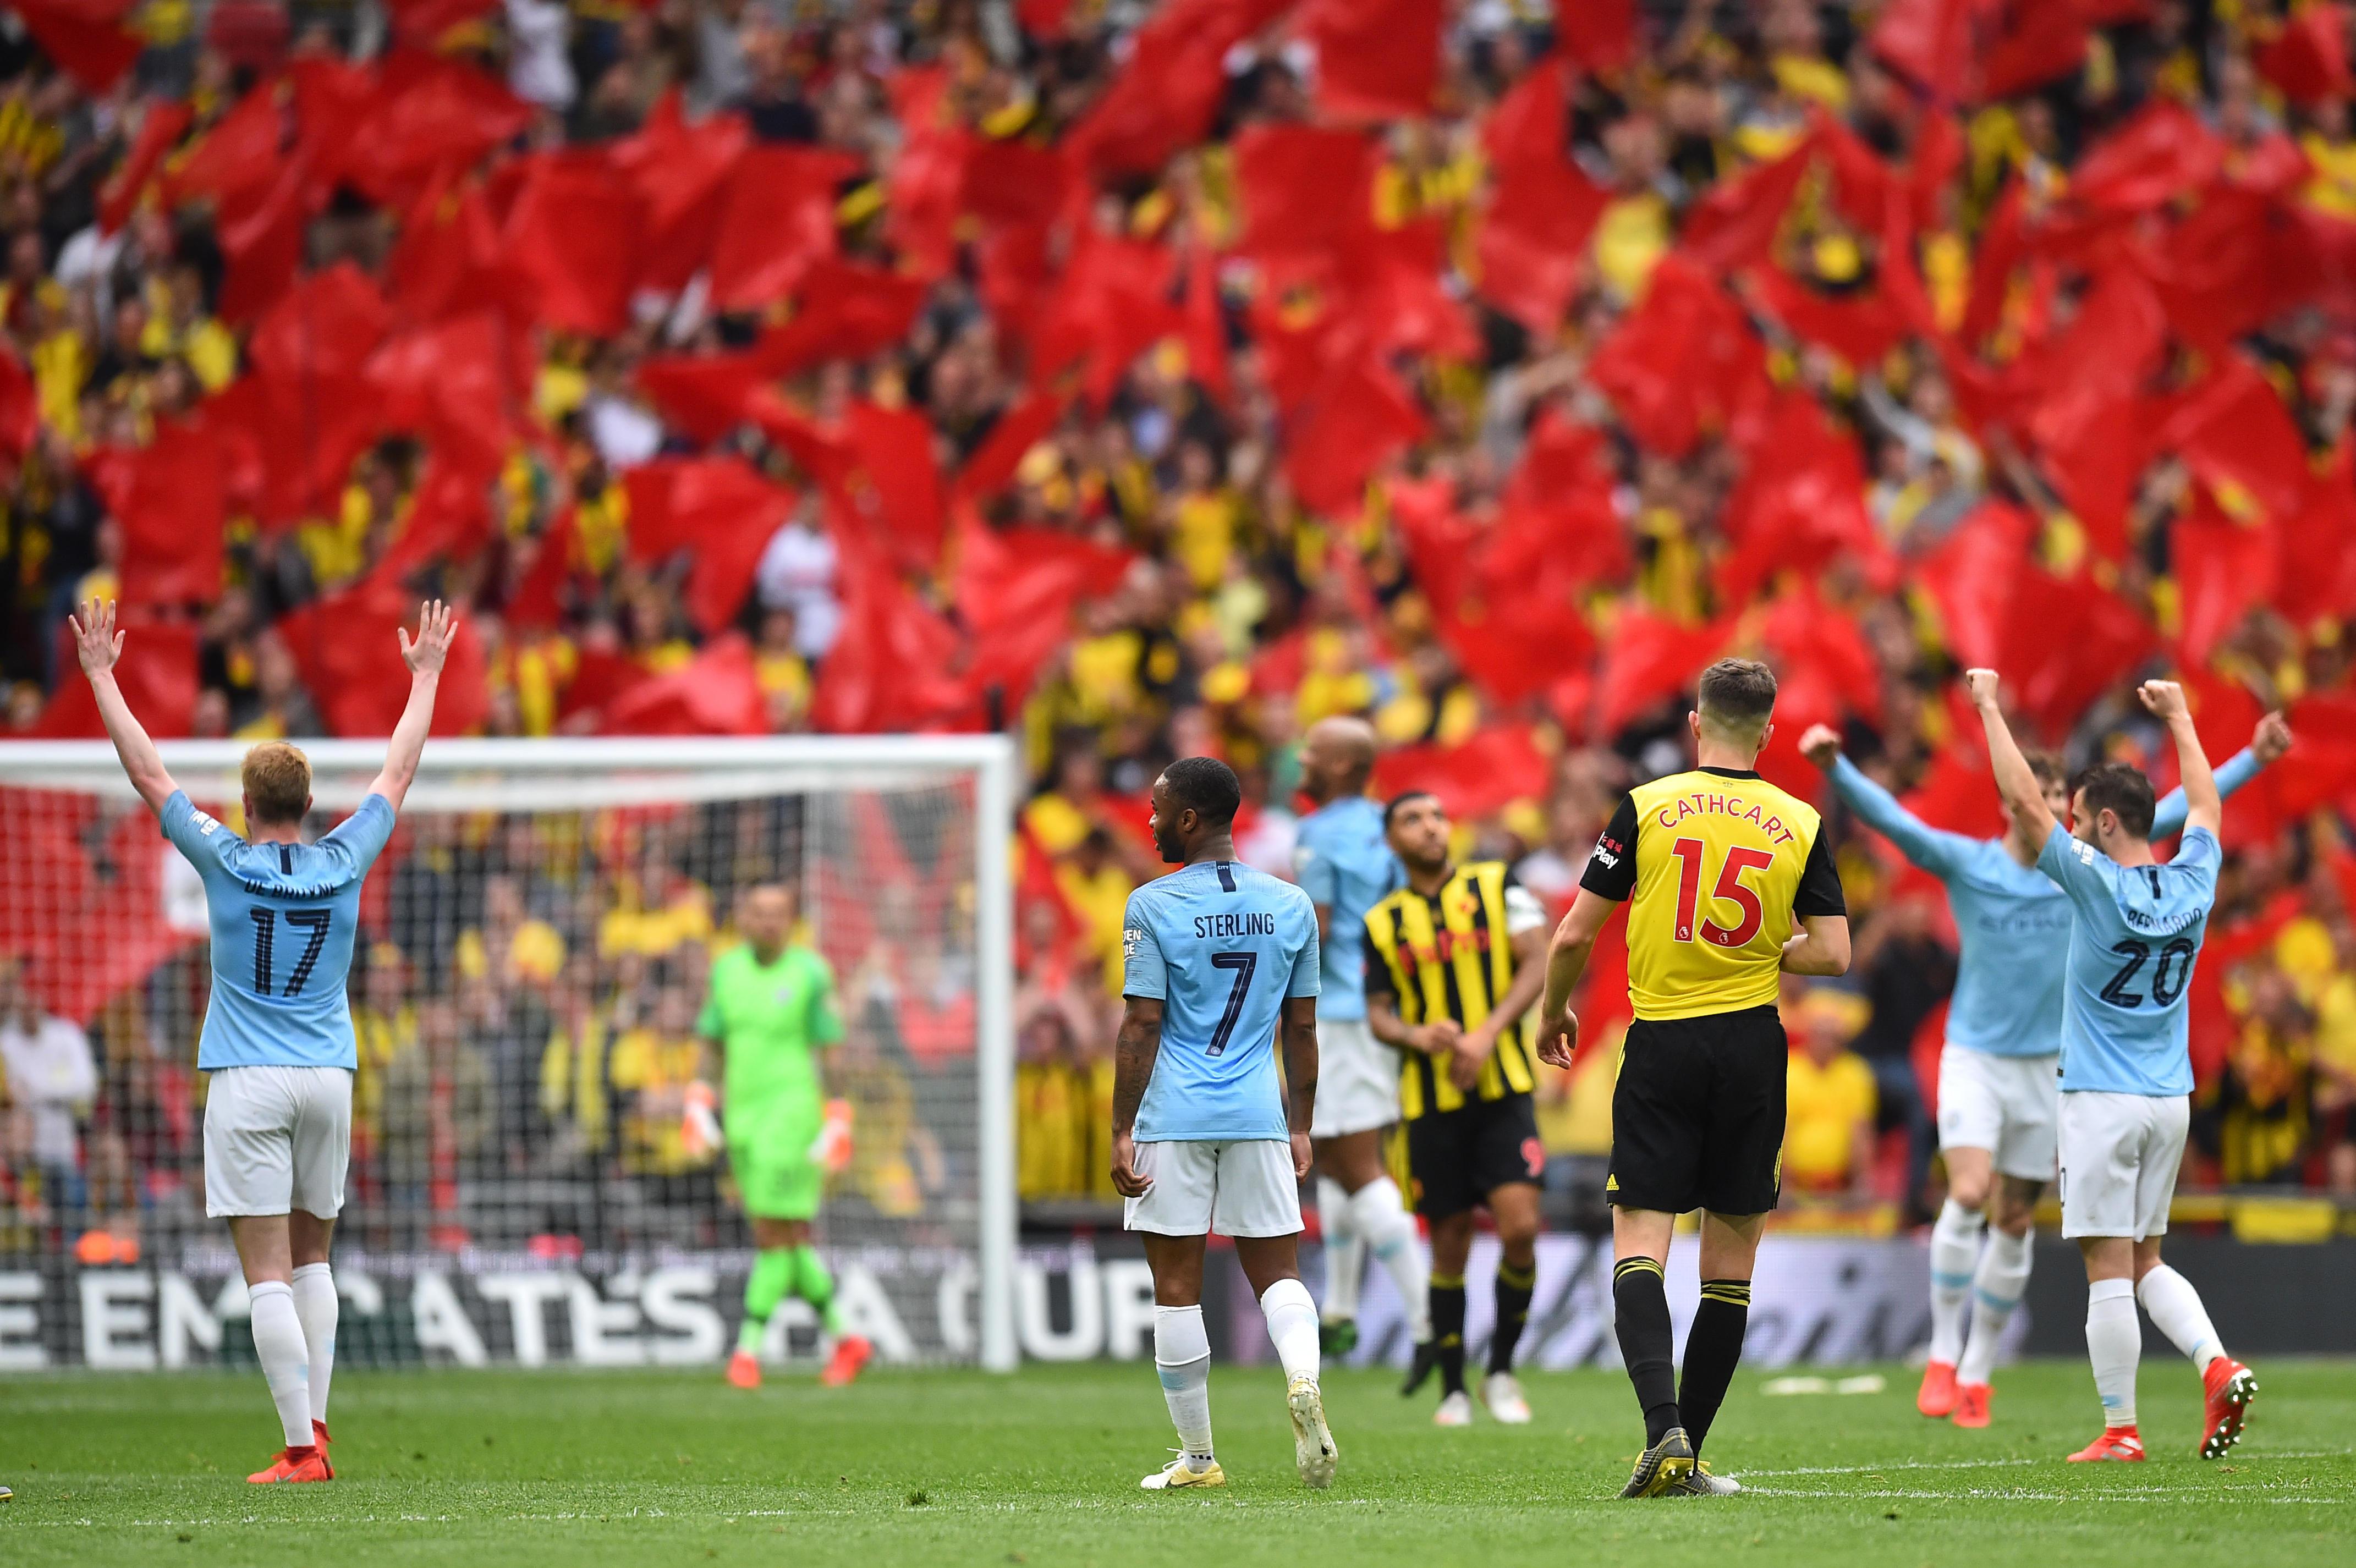 La squadra di Guardiola demolisce il Watford: 6-0